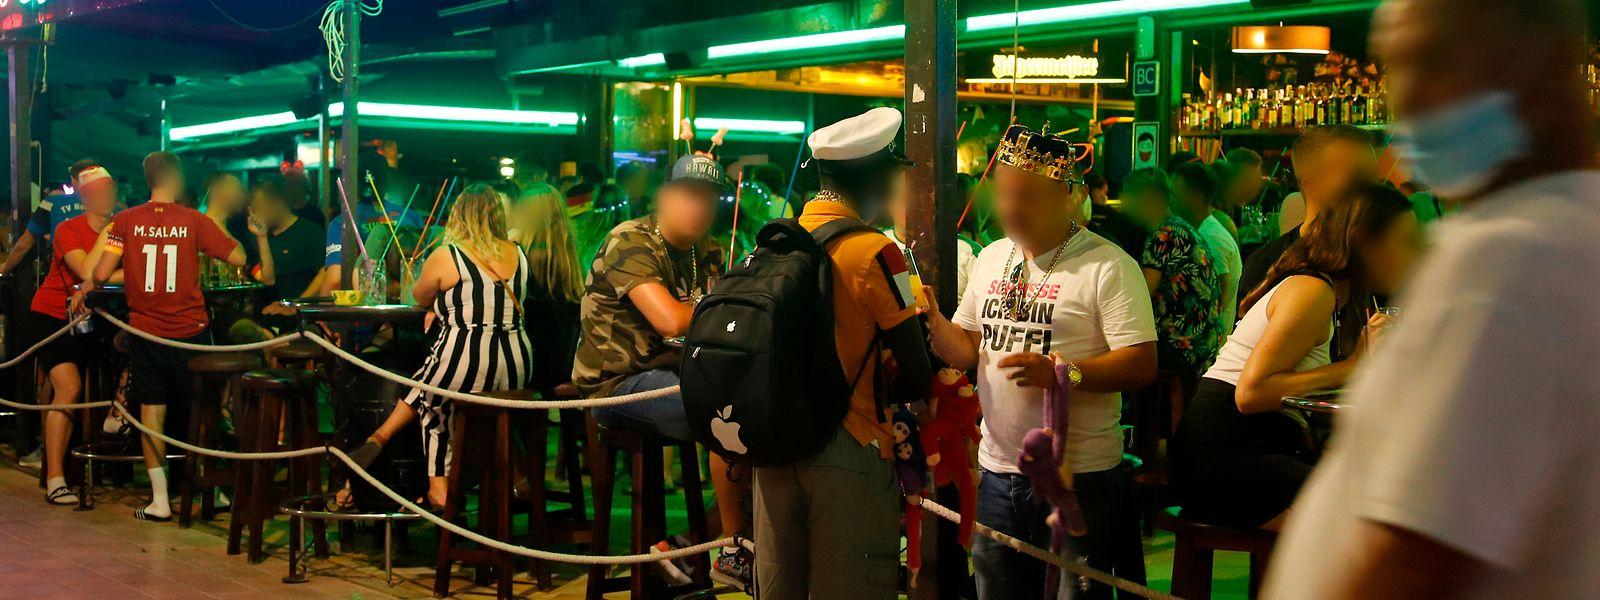 Die Bars in der Bierstraße an der Playa de Palma sind gut gefüllt.